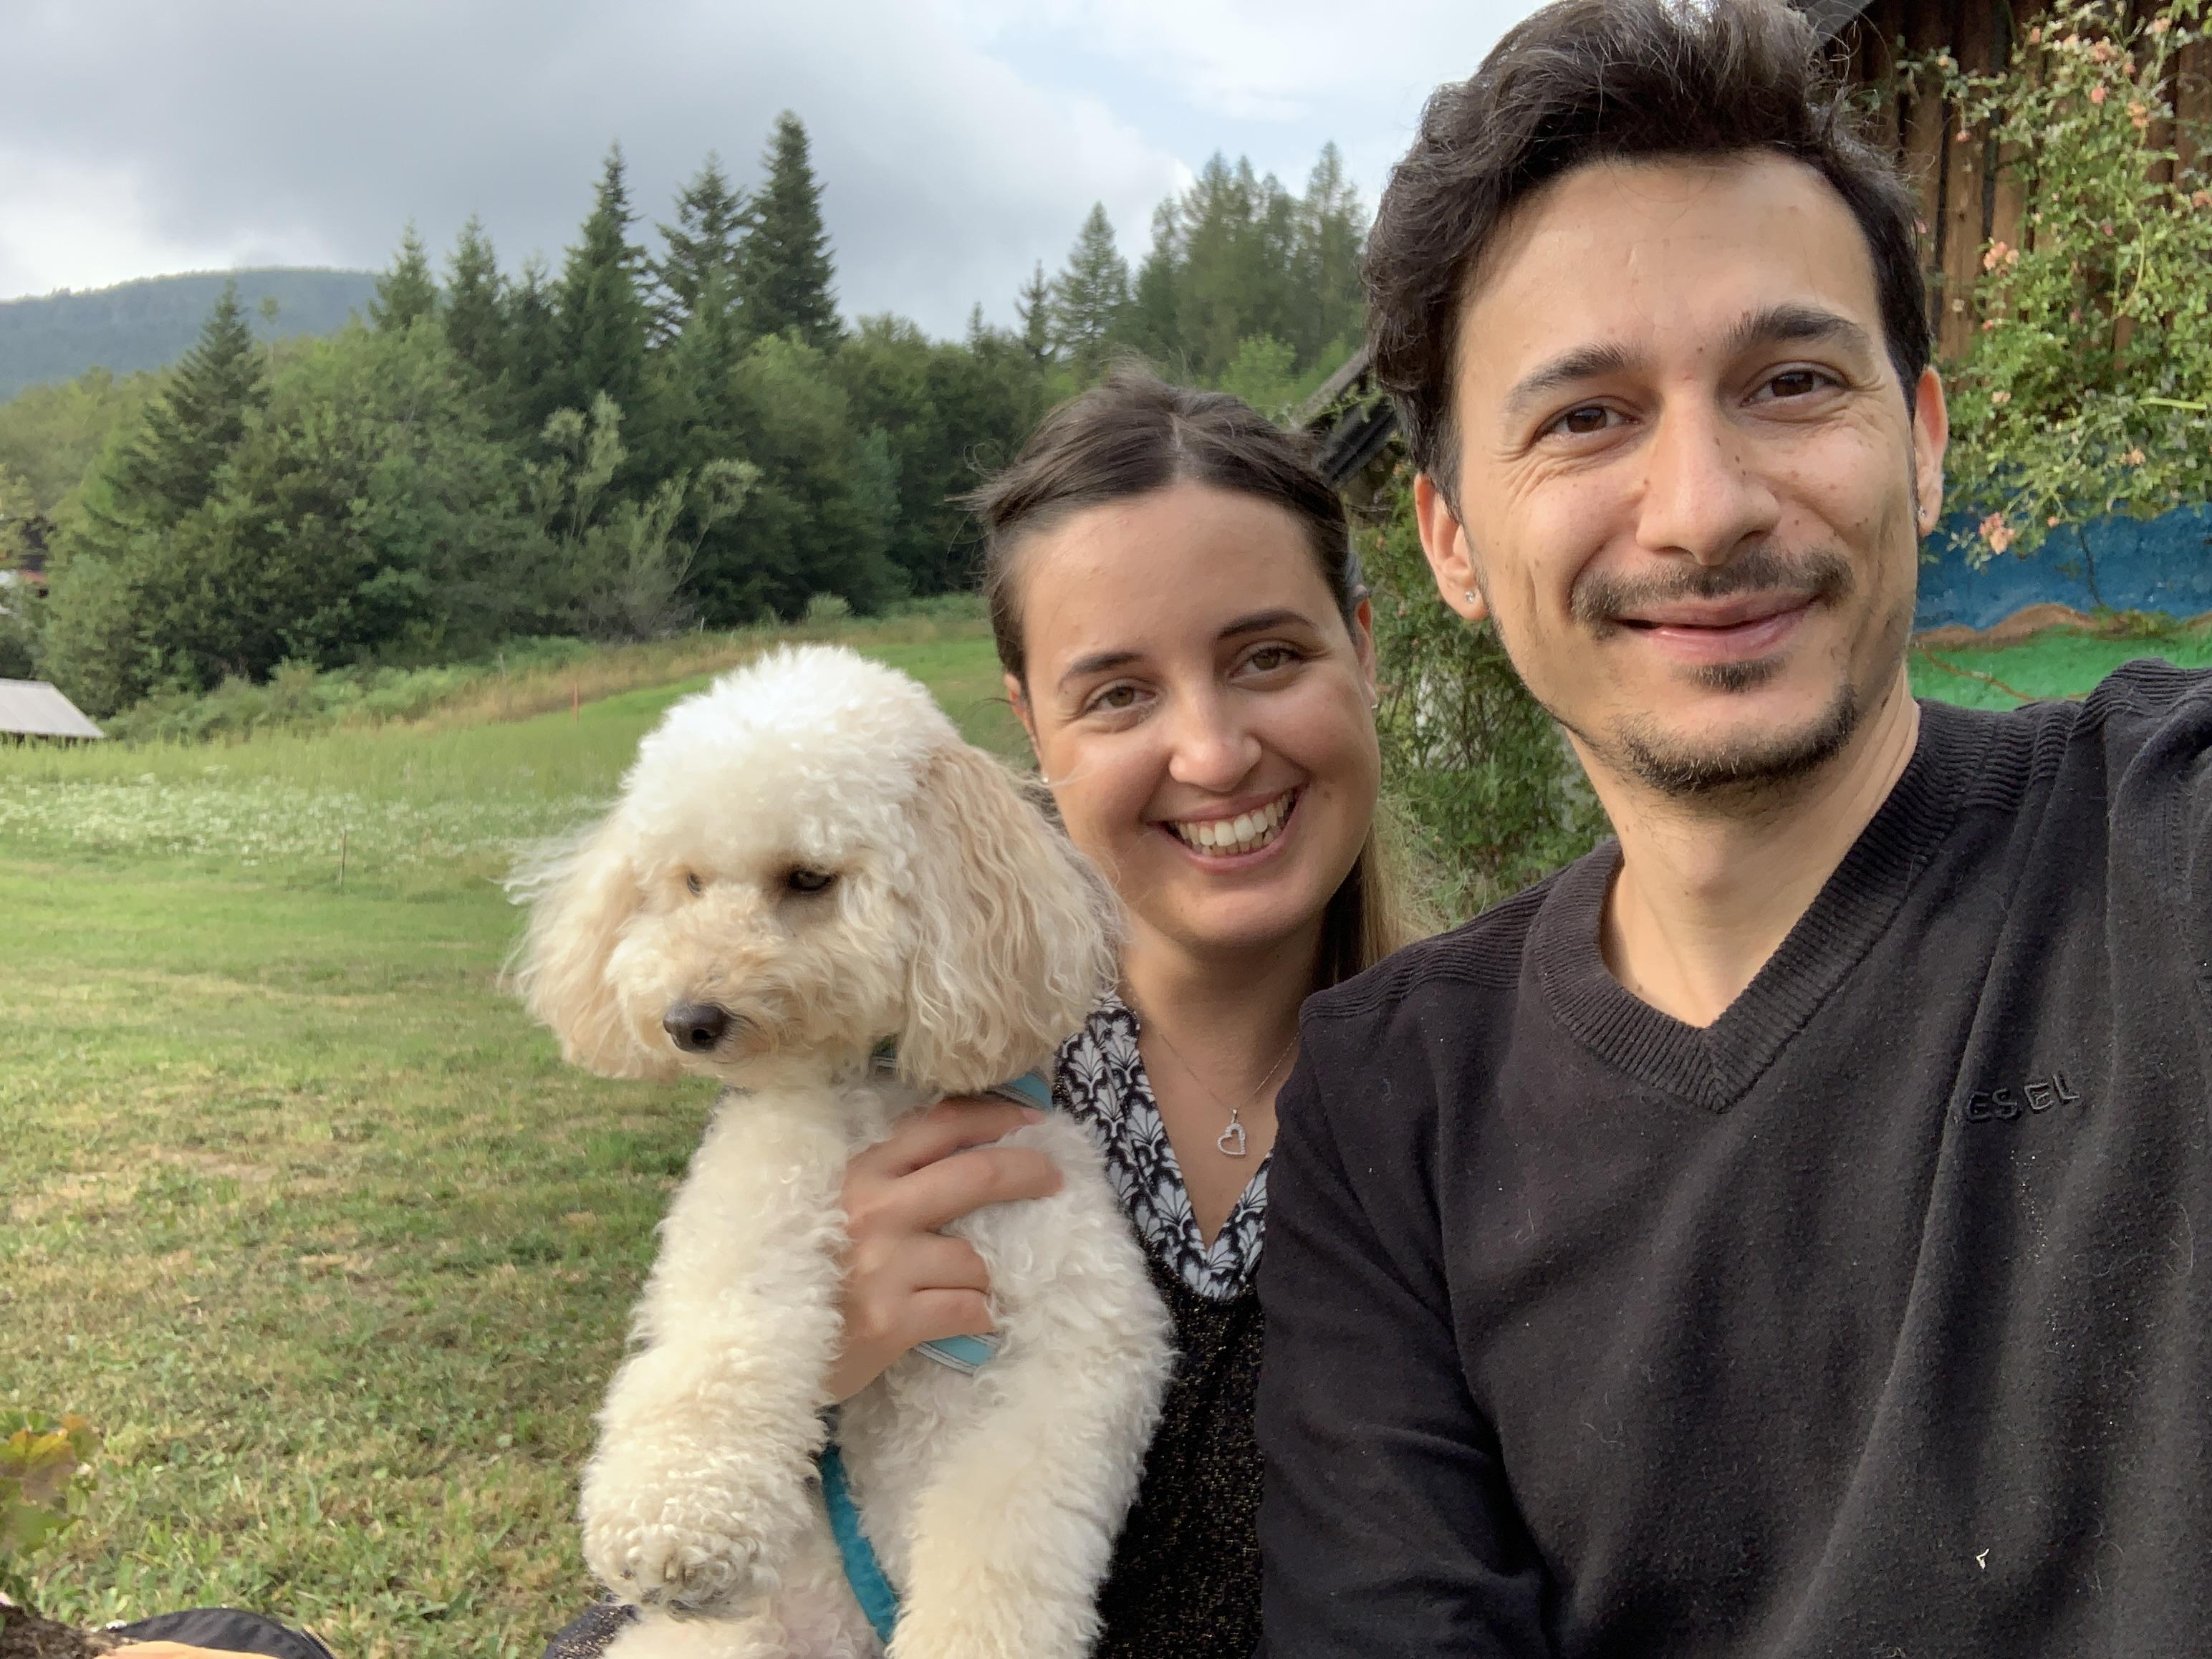 Alice Del Corso and Philip Morelli